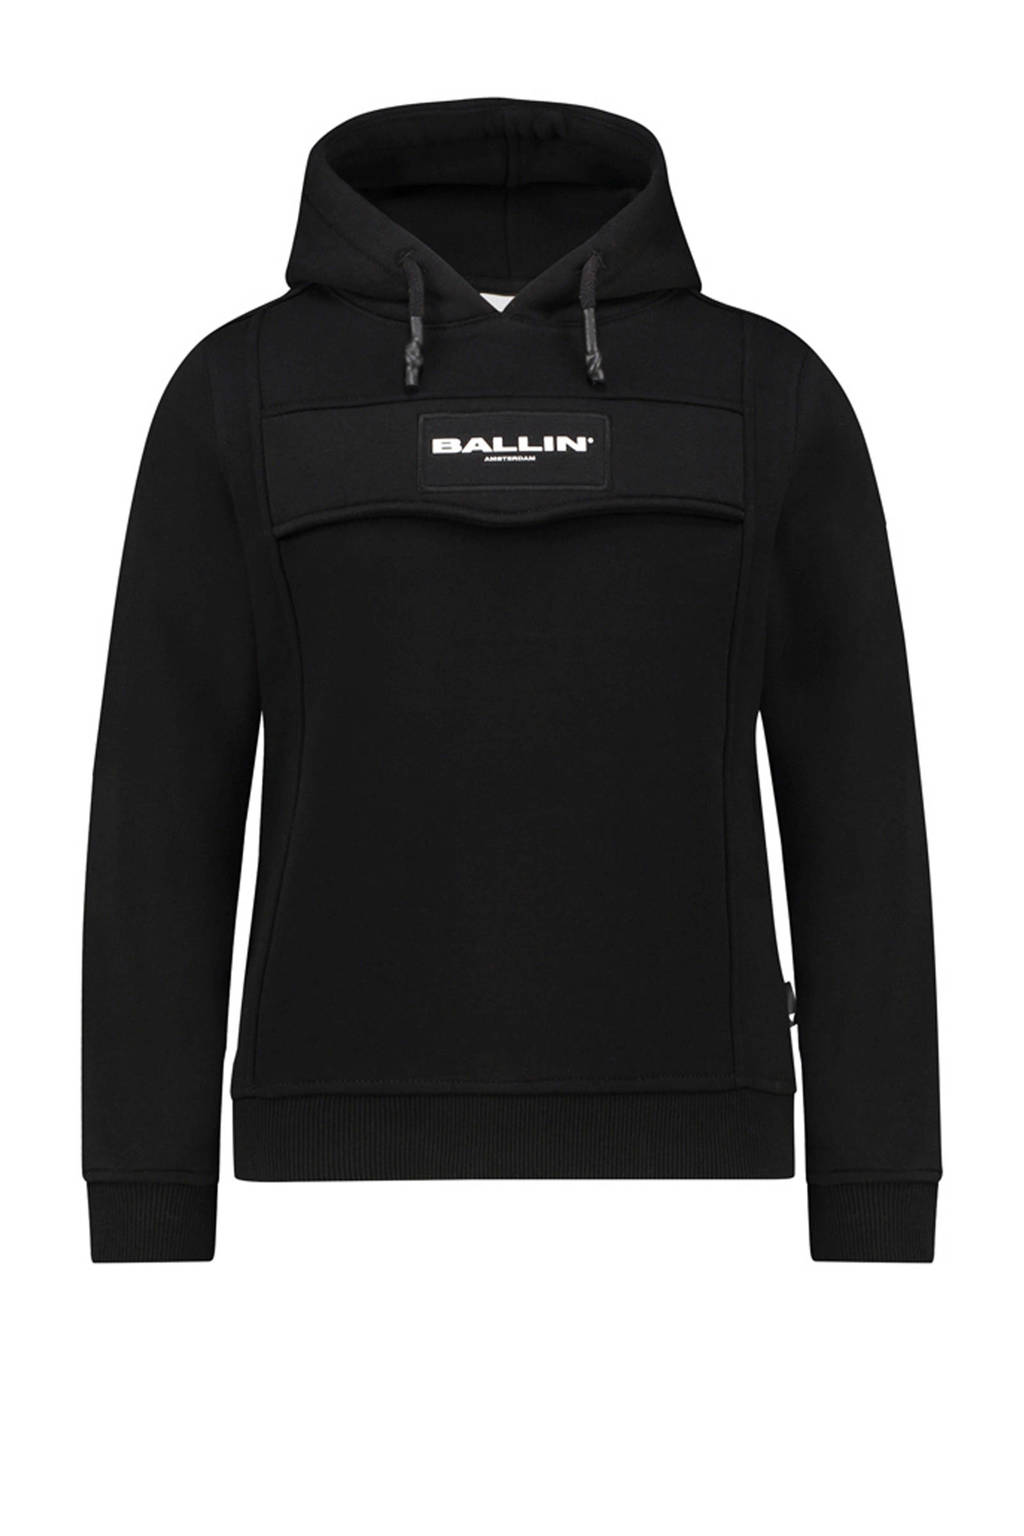 Ballin Amsterdam Junior by Purewhite hoodie met logo zwart, Zwart